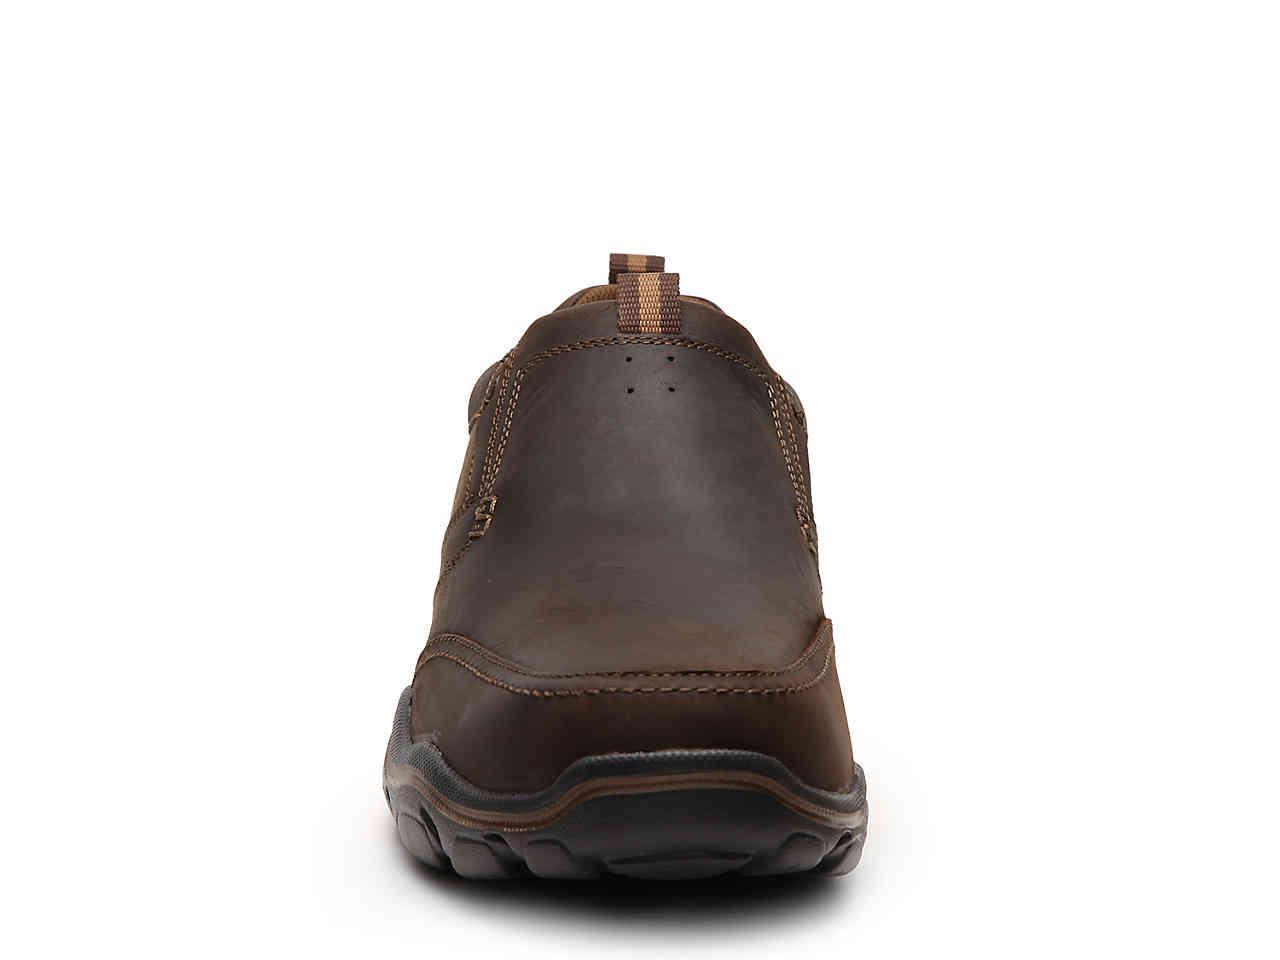 1b870cb5062 Skechers - Brown Relaxed Fit Devent Slip-on for Men - Lyst. View fullscreen